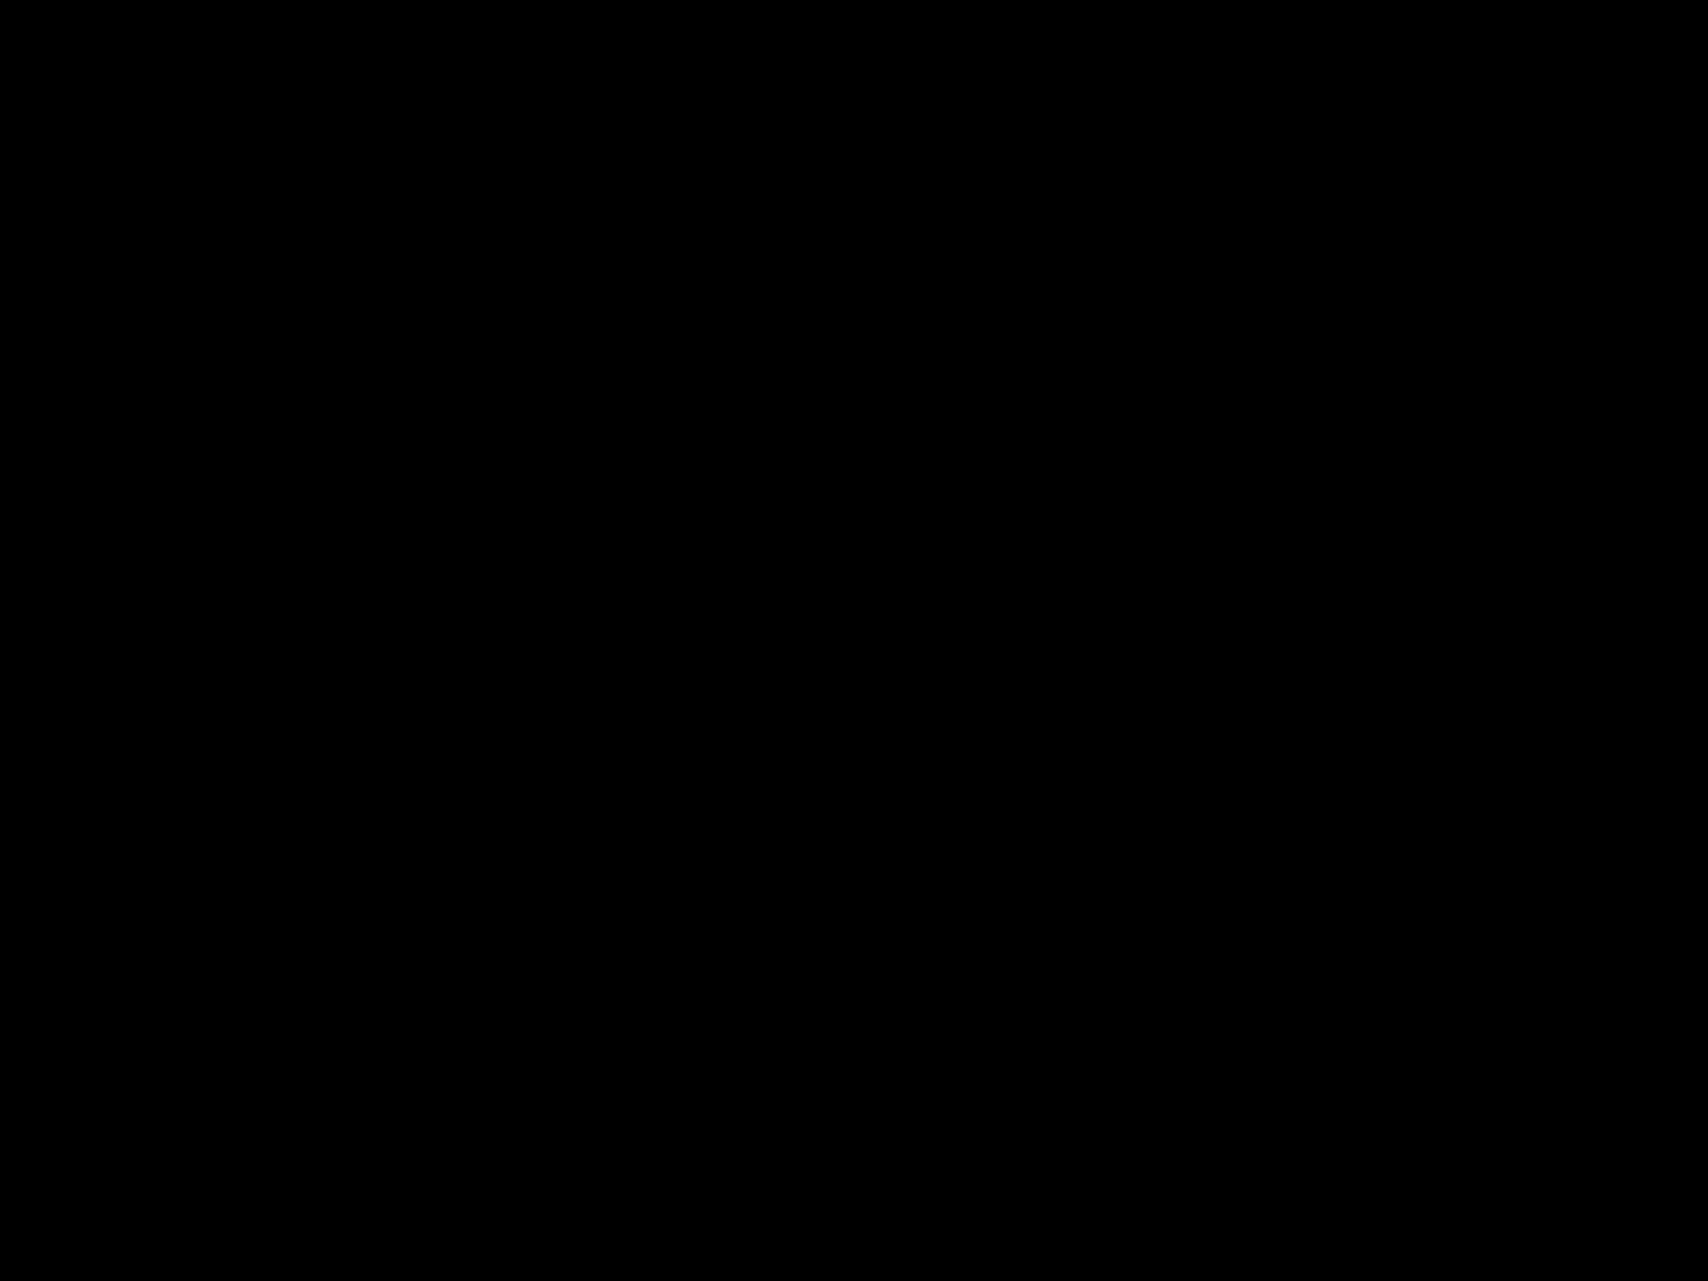 26121_04.jpg